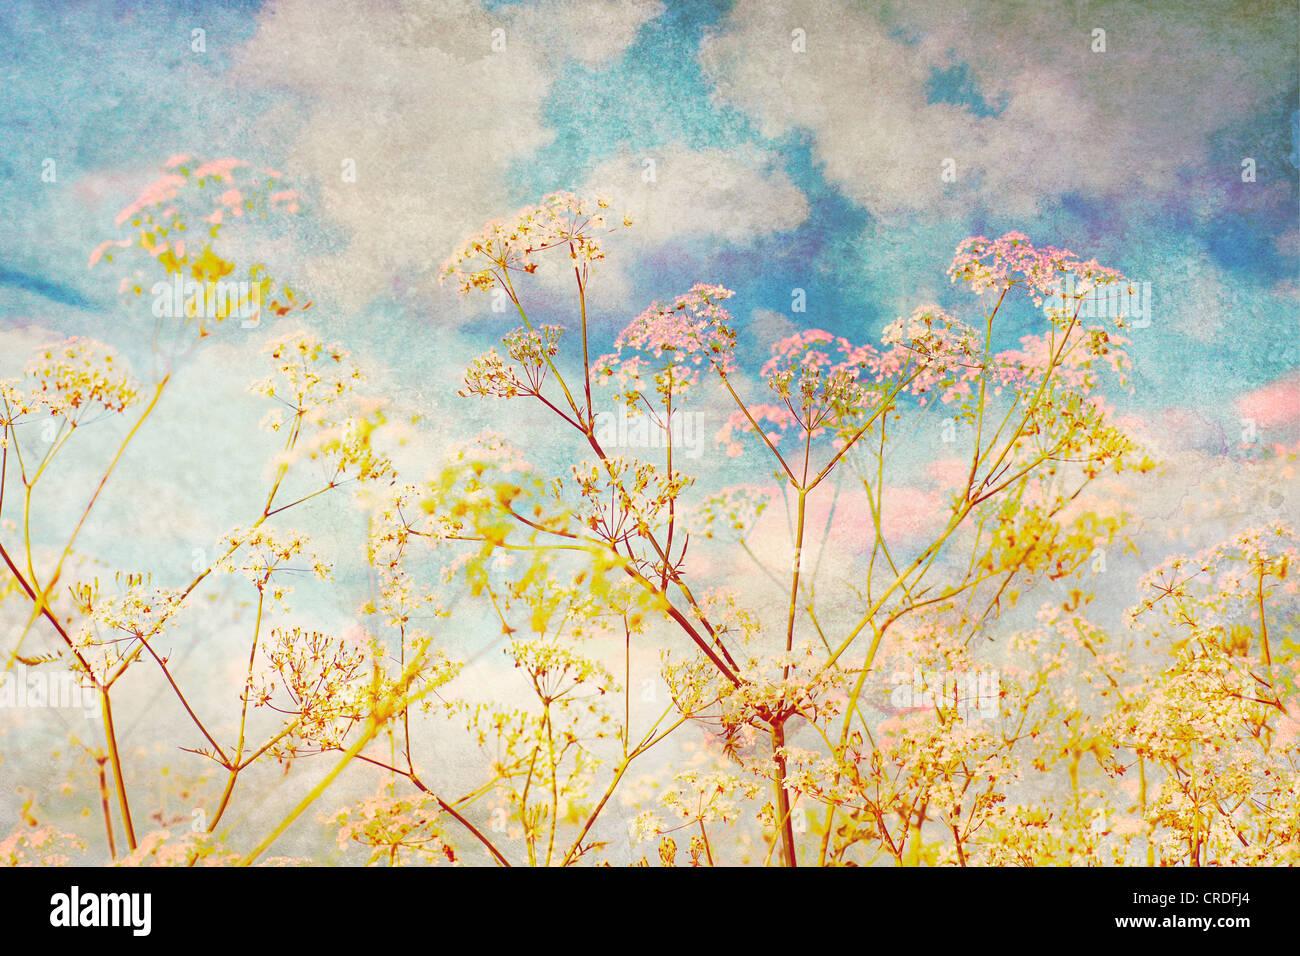 Flores blancas y el cielo azul, el grunge antecedentes artísticos Imagen De Stock